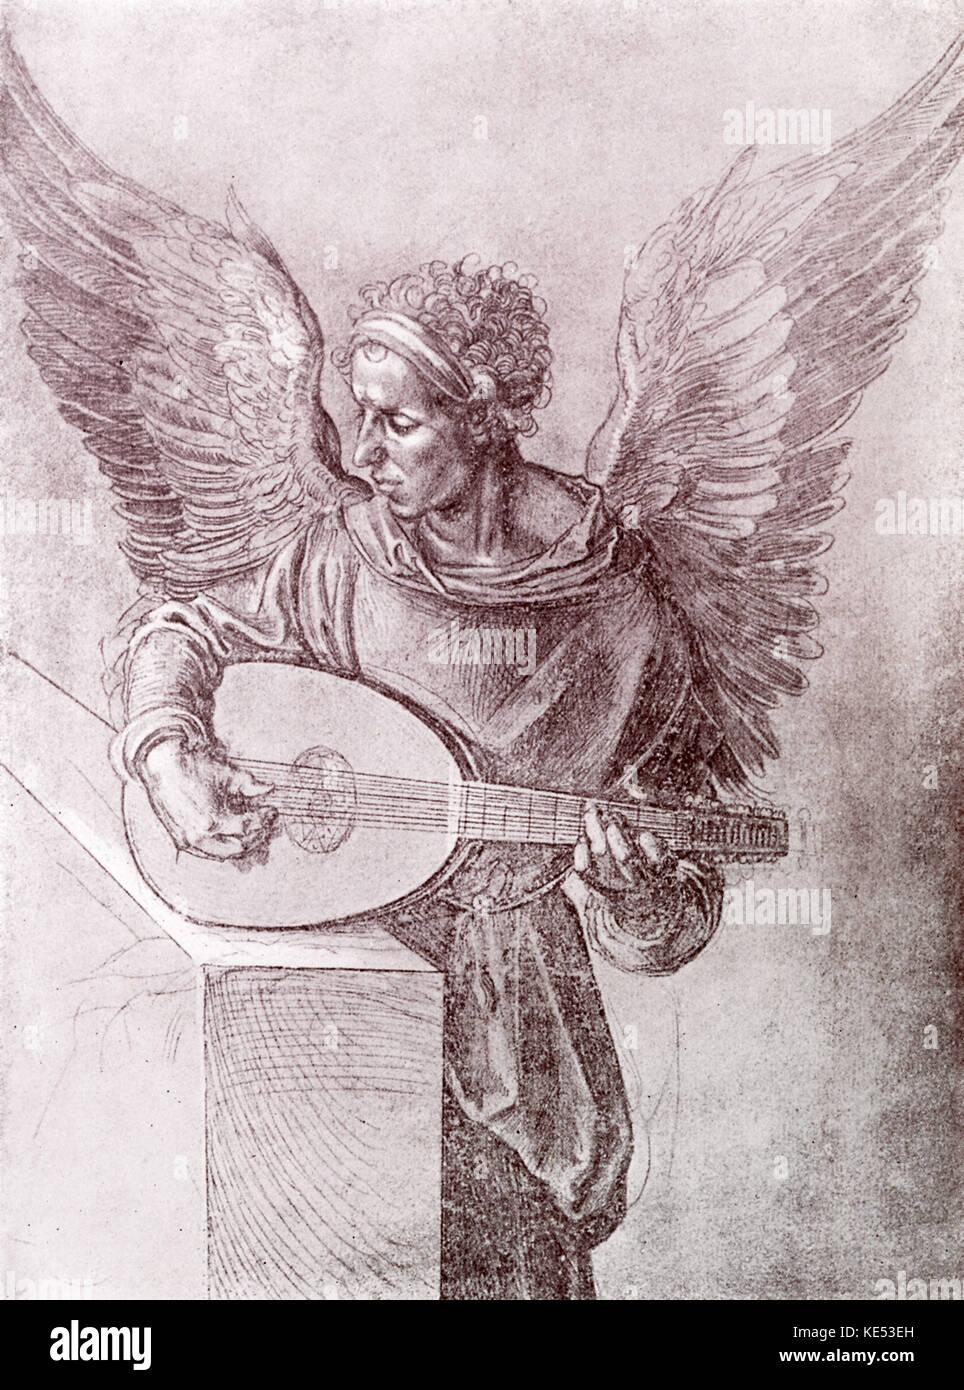 Engel spielen eine Laute, Zeichnung von Albrecht Dürer 1491. ad: der deutsche Maler, Grafiker, 21. Mai 1471 Stockbild